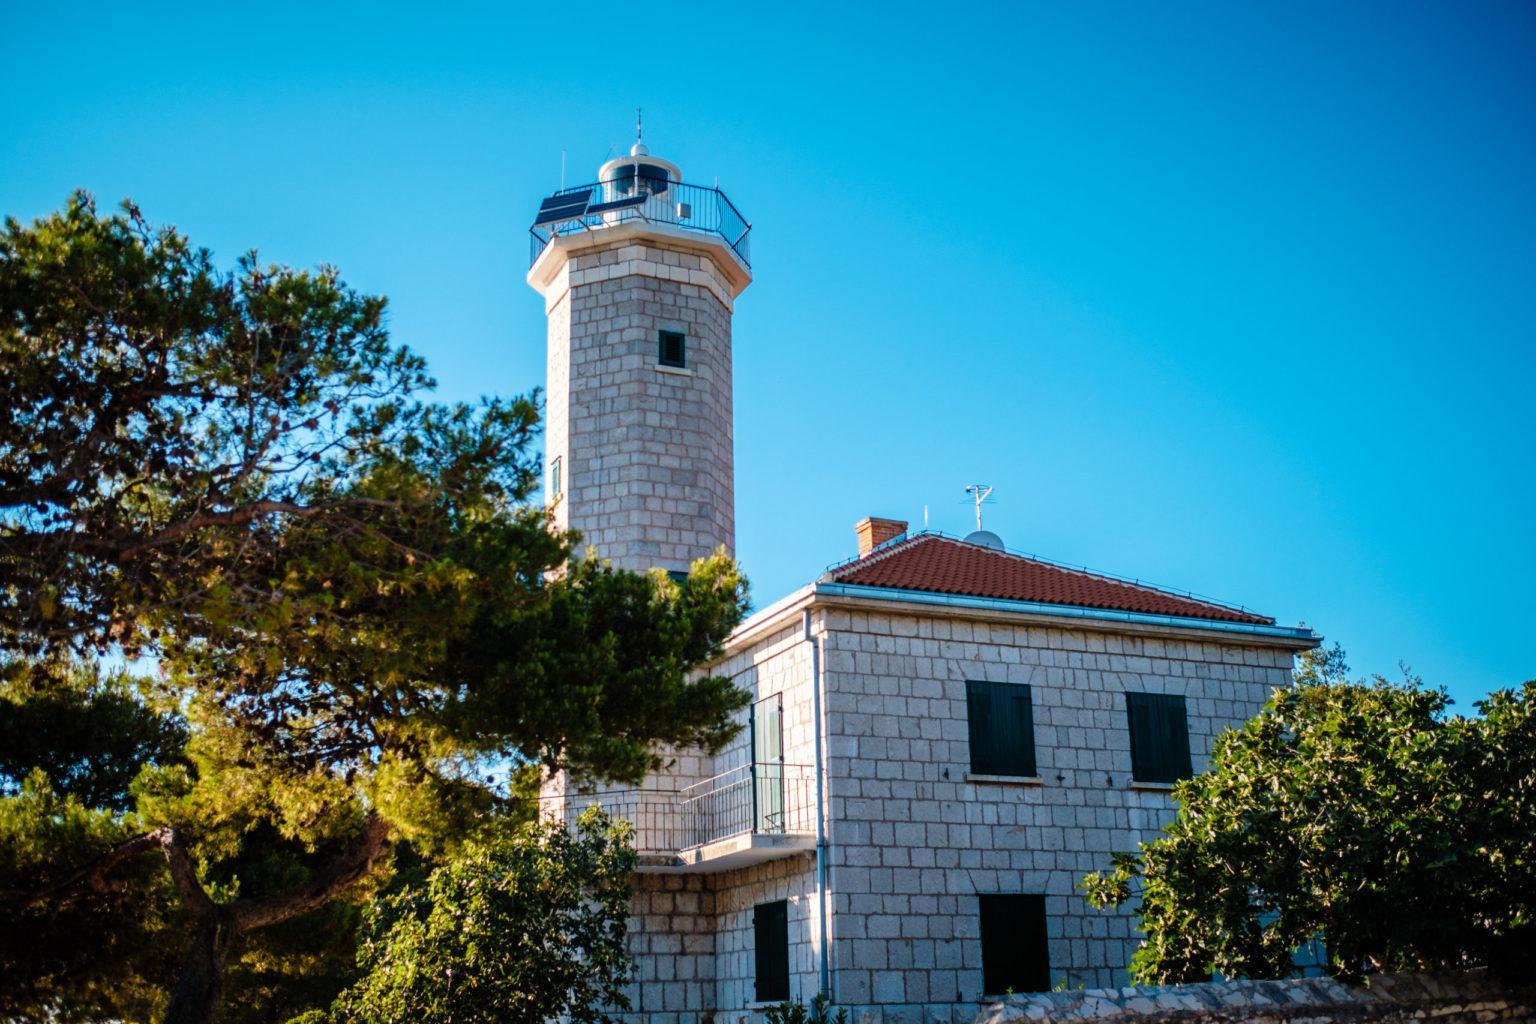 hochzeitslocation Kroatien location hochzeit heiraten 2 6 scaled - Alter Leuchtturm